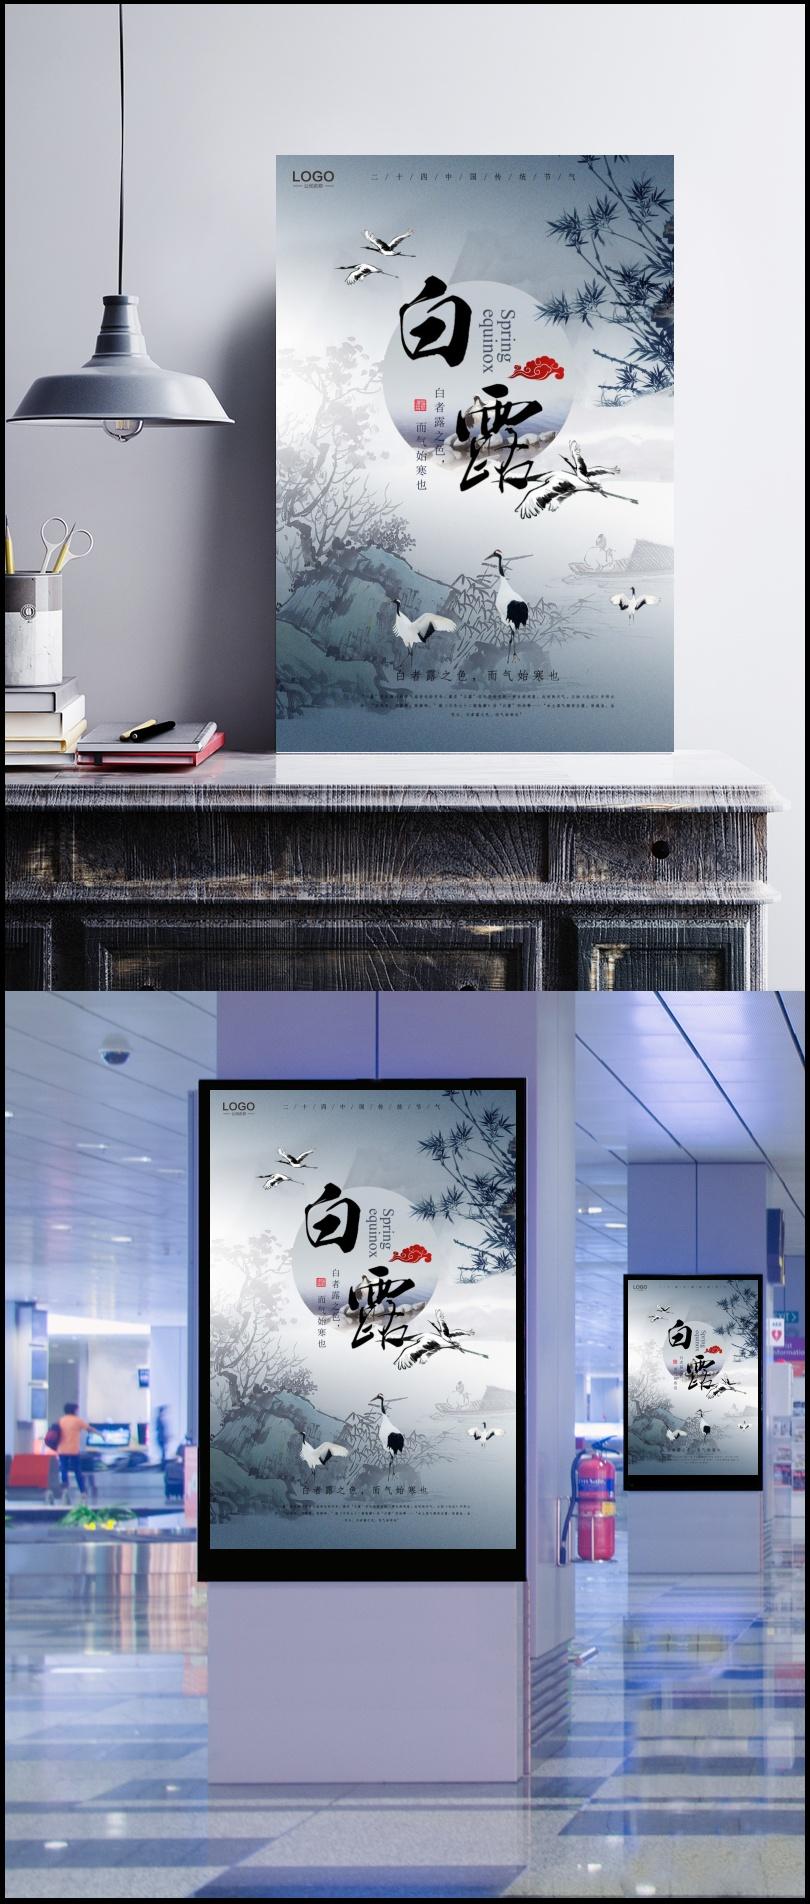 二十四节气白露水墨画海报图片